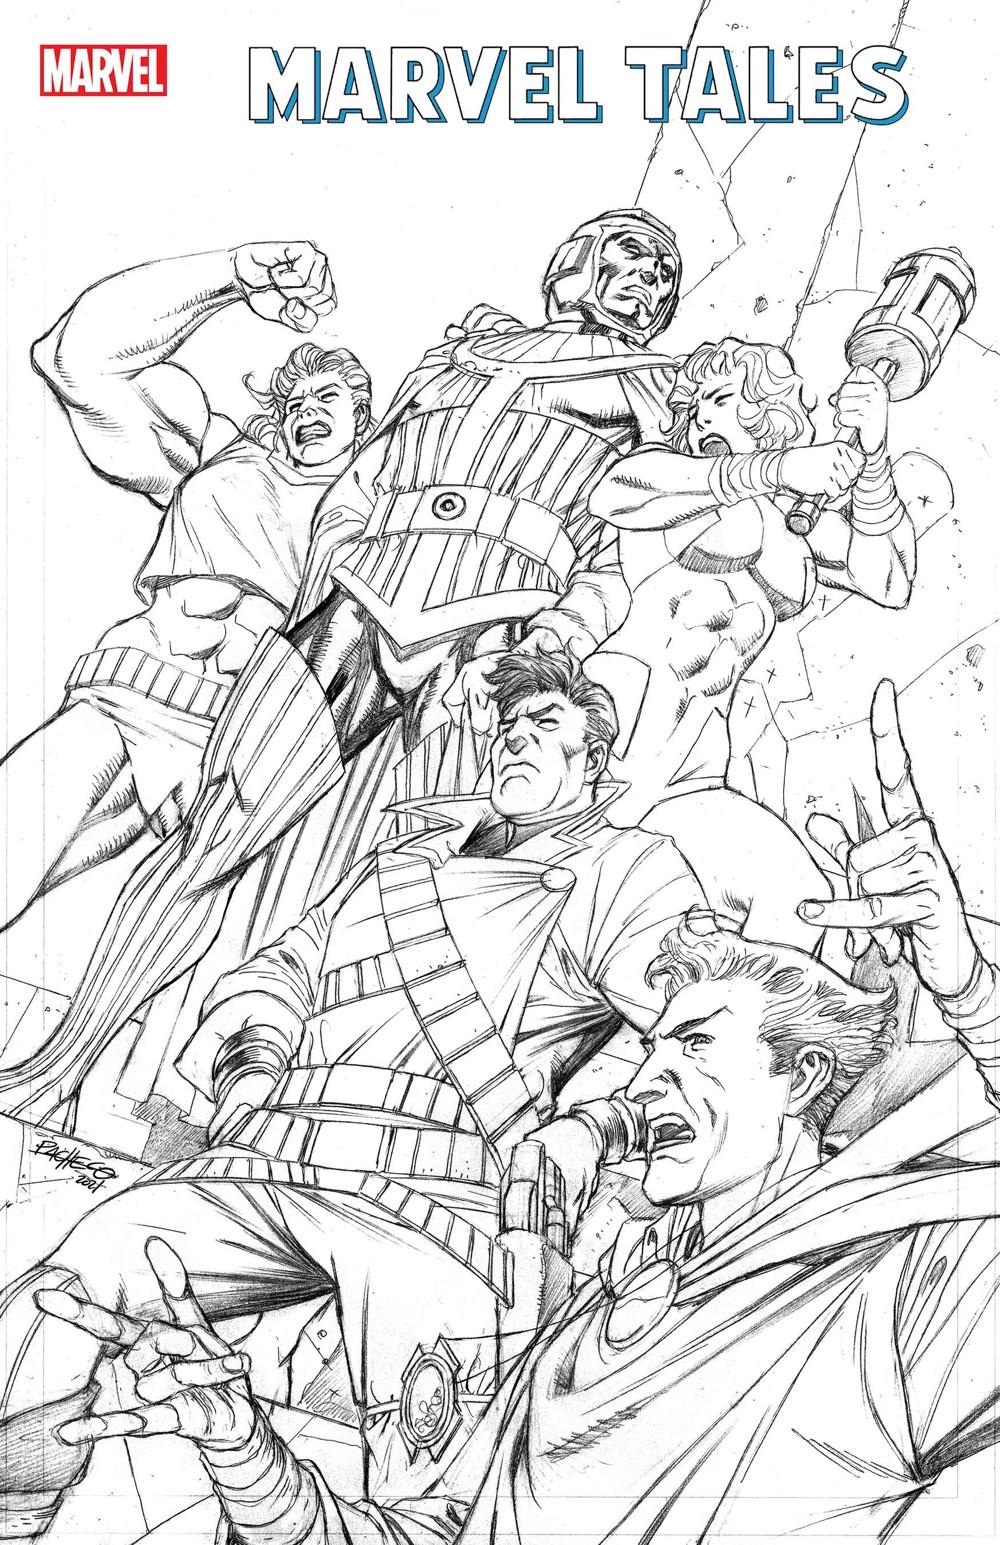 LAST_AVENGERS_MT Marvel Comics December 2021 Solicitations